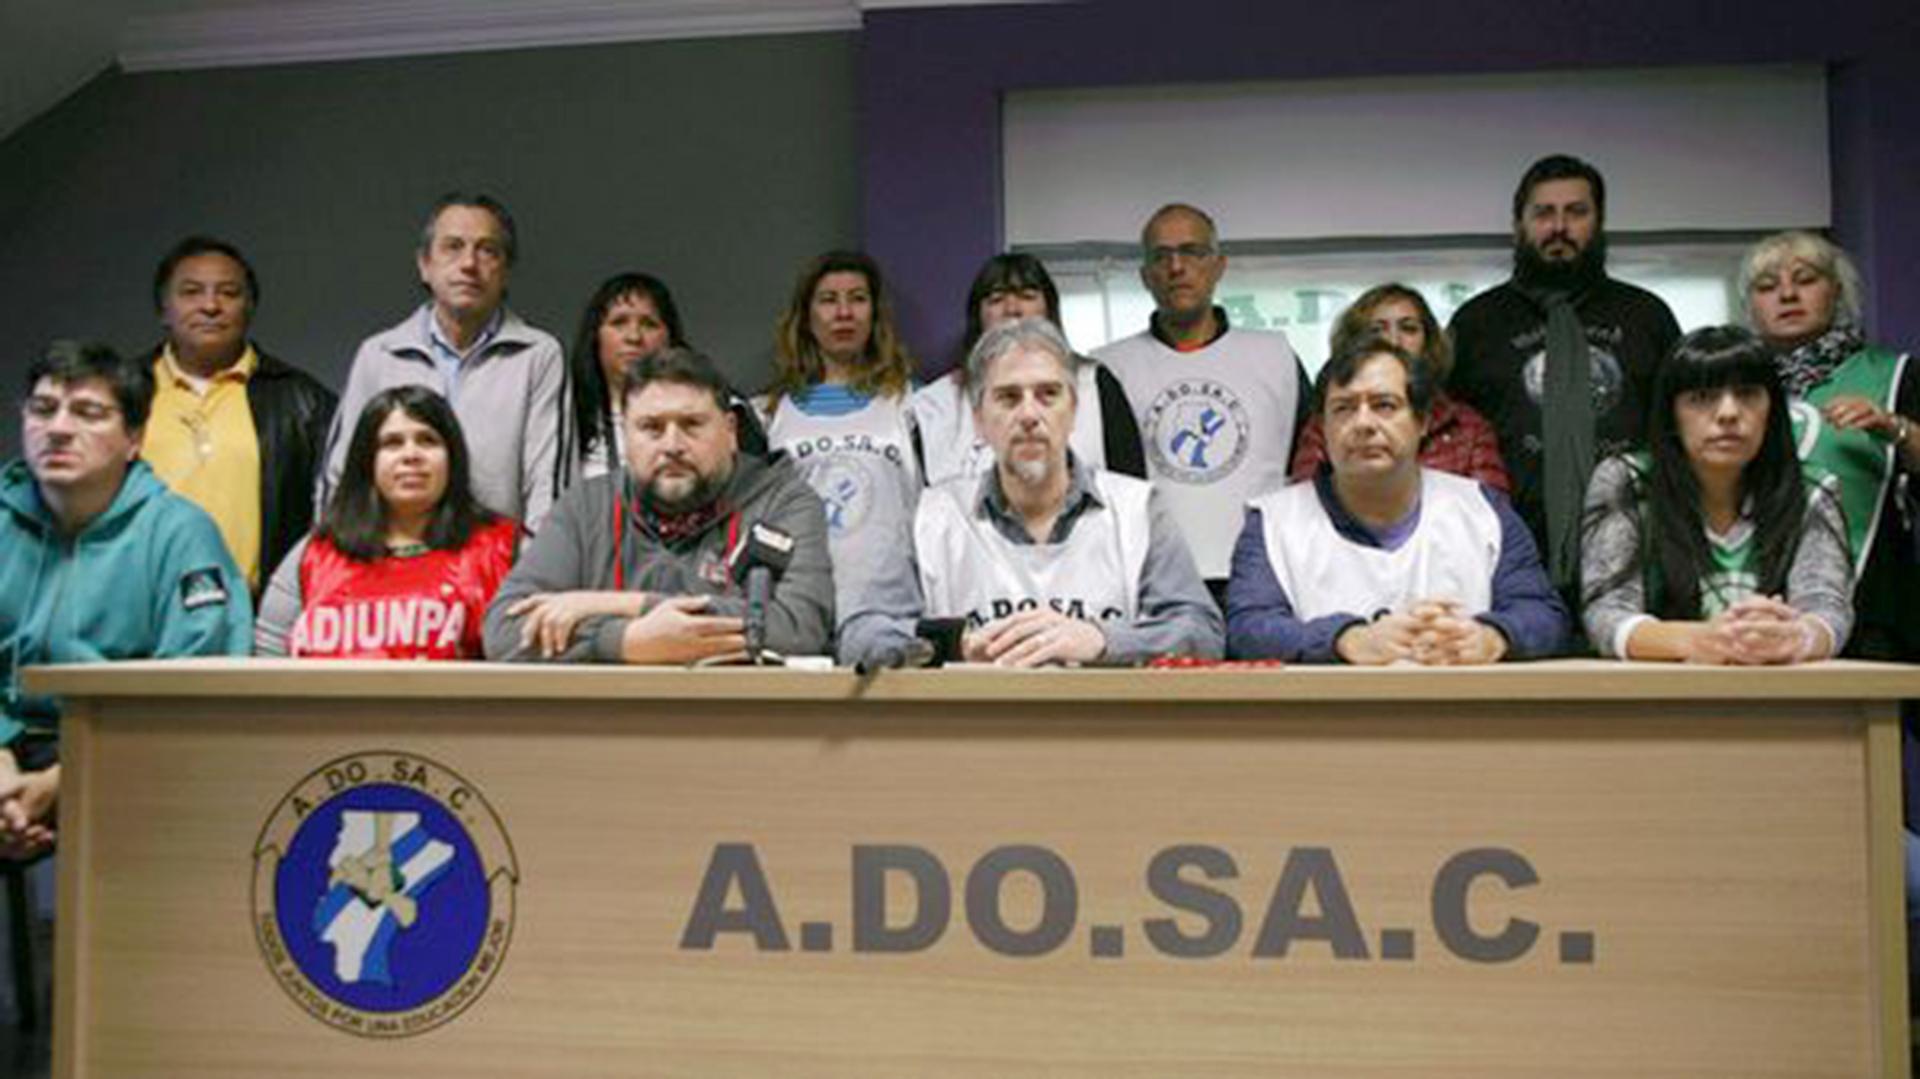 Adosac anunció un nuevo paro luego de que se suspendiera la reunión paritaria